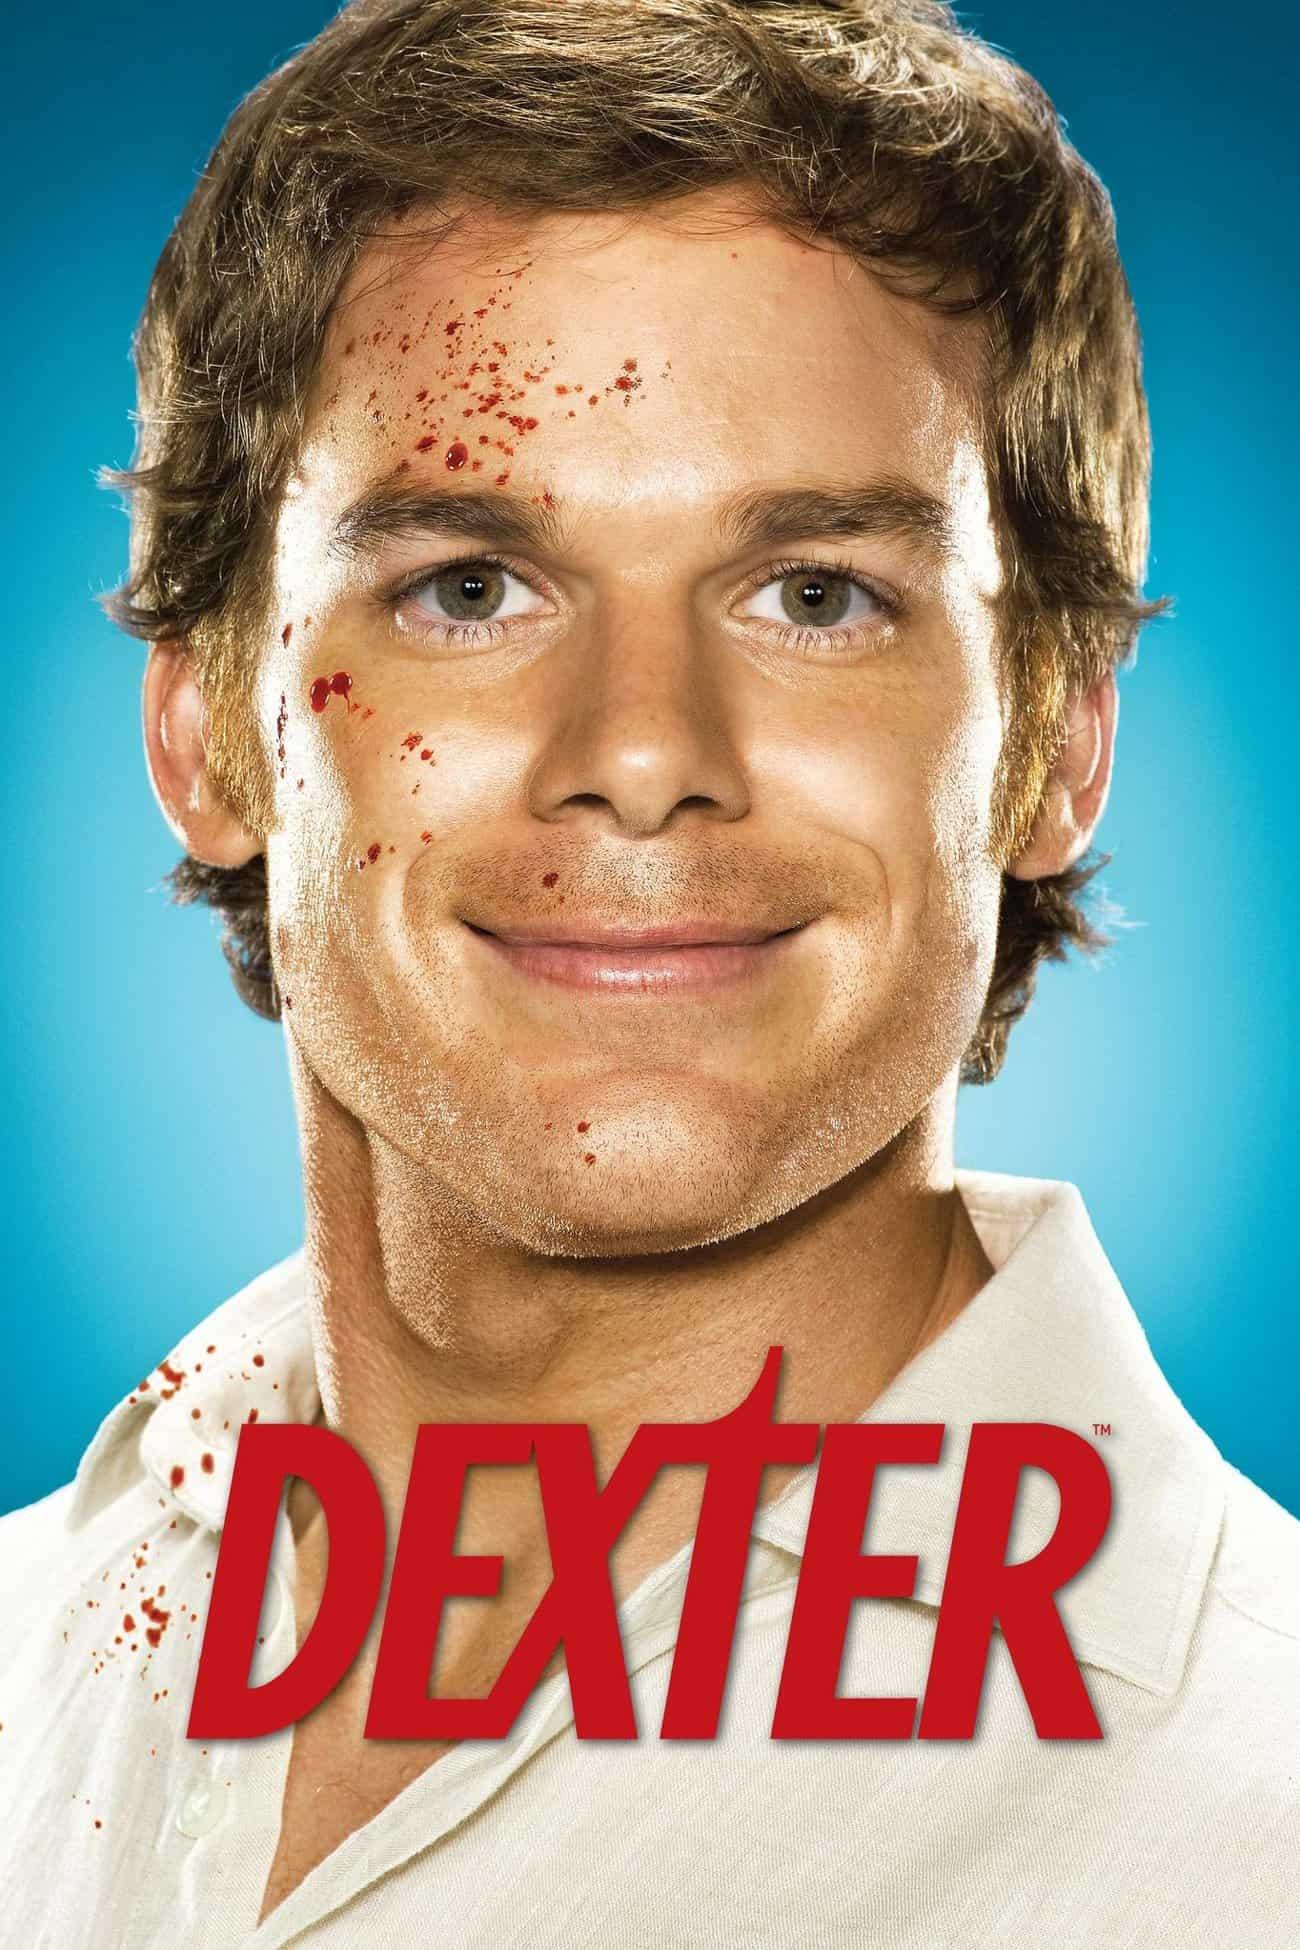 Dexter, 2006